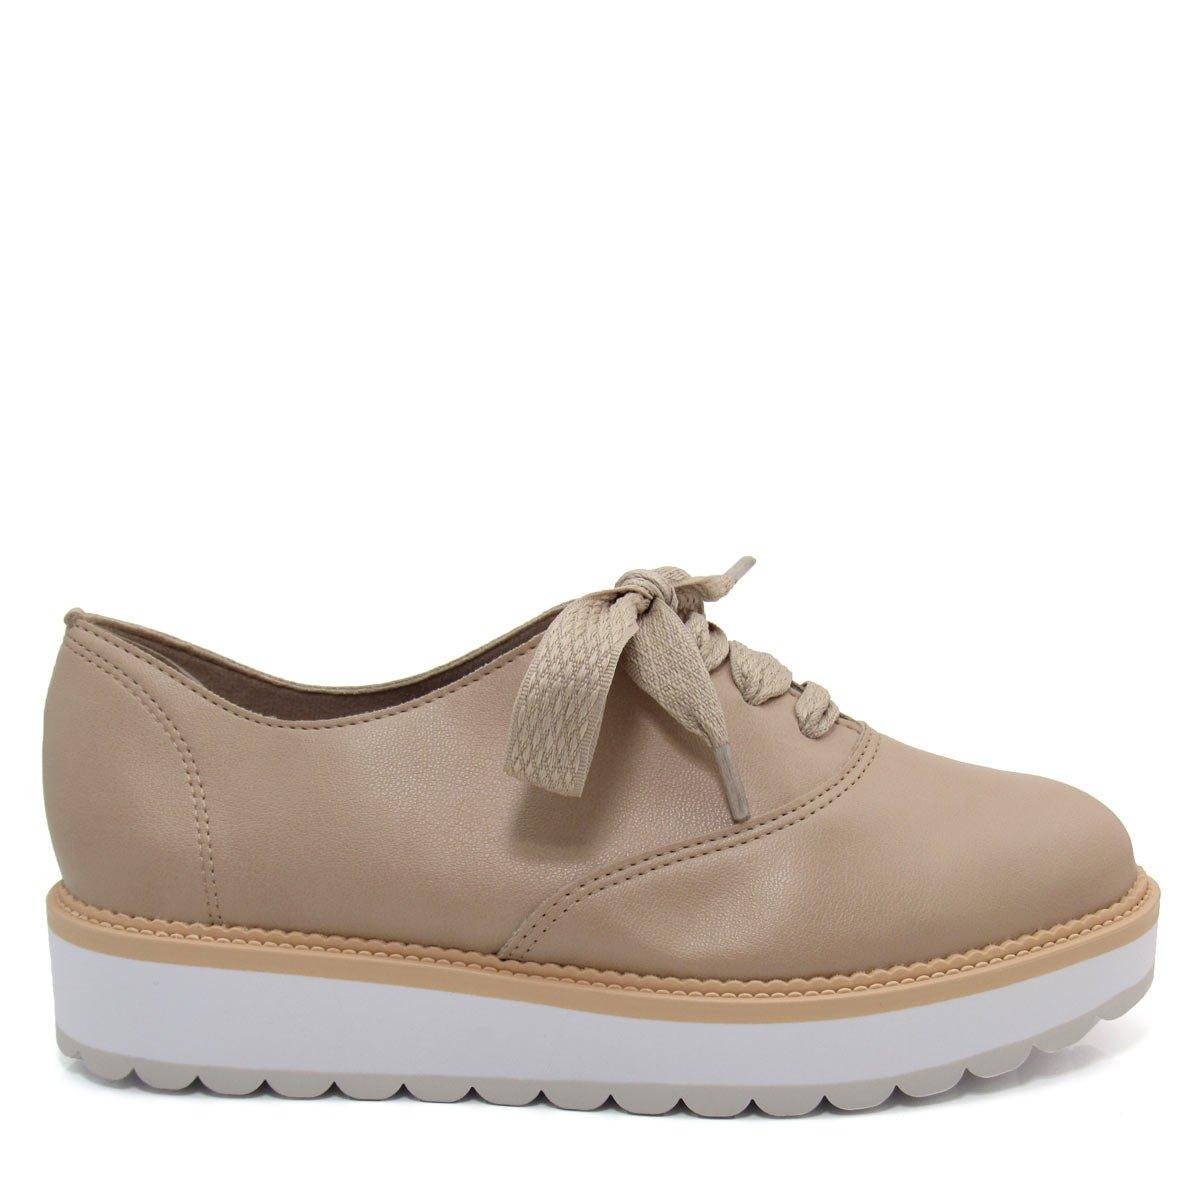 57f36720e2 Sapato Oxford Feminino Flatform Beira Rio 4214102 Coleção 2018